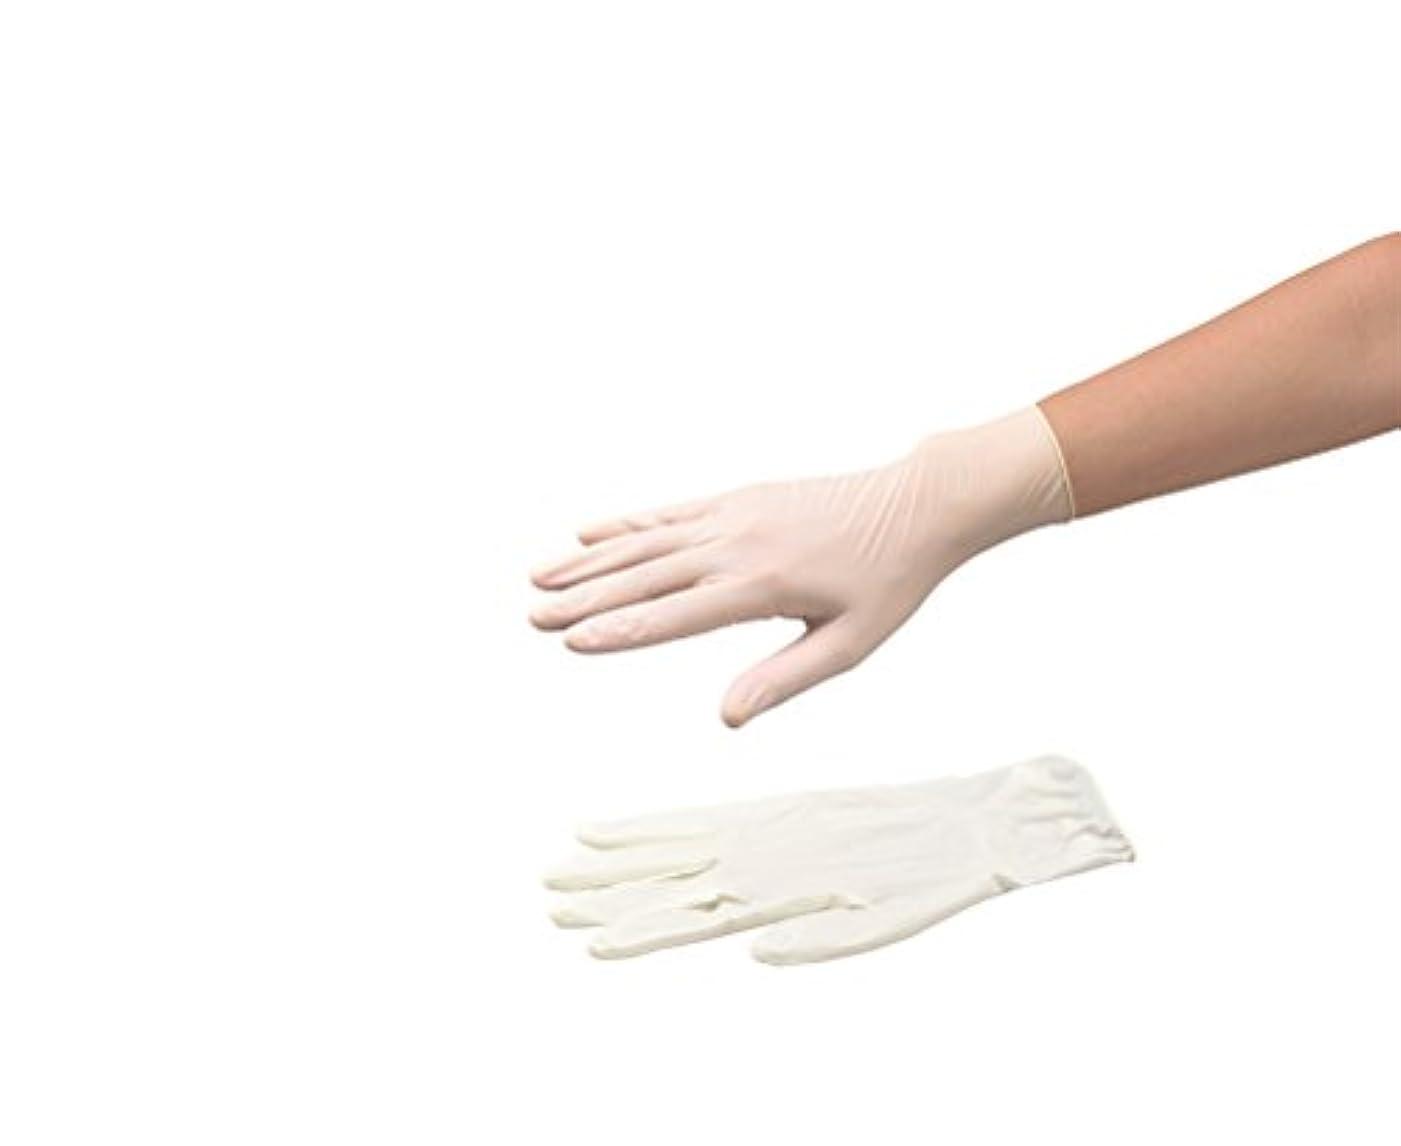 効果的にブロックサリーナビロール手袋(指先エンボス?エコノミータイプ?パウダー付) SS 1箱(100枚入) /8-9970-04